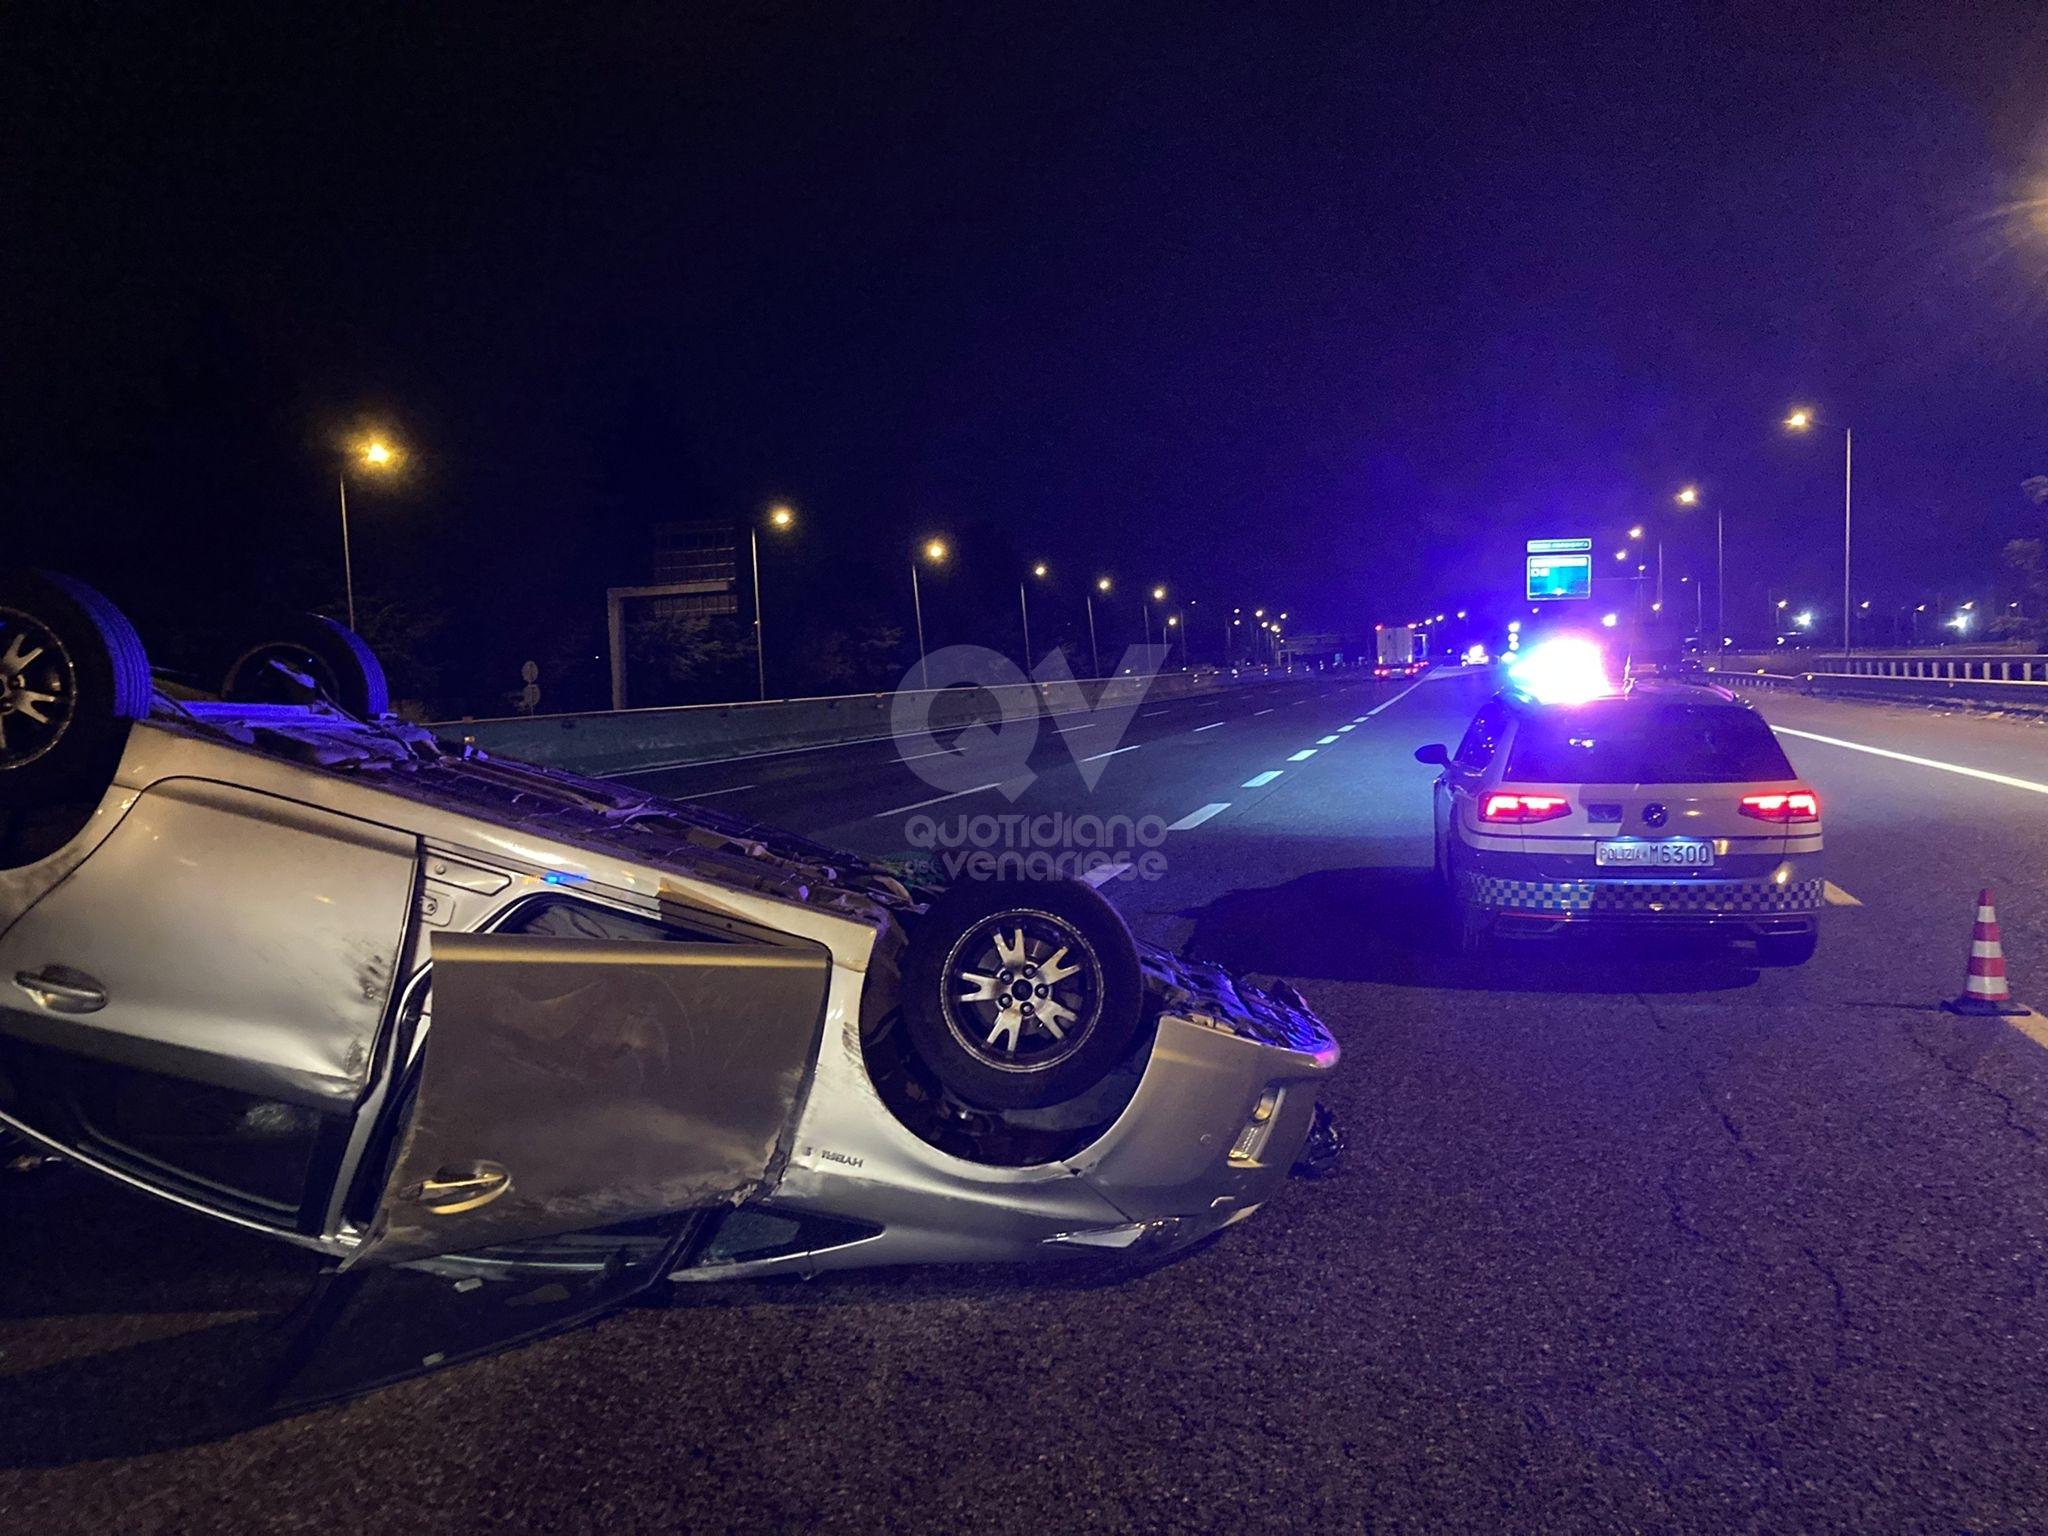 INCIDENTE IN TANGENZIALE - Tamponamento fra due auto: una si ribalta. Due feriti lievi - FOTO